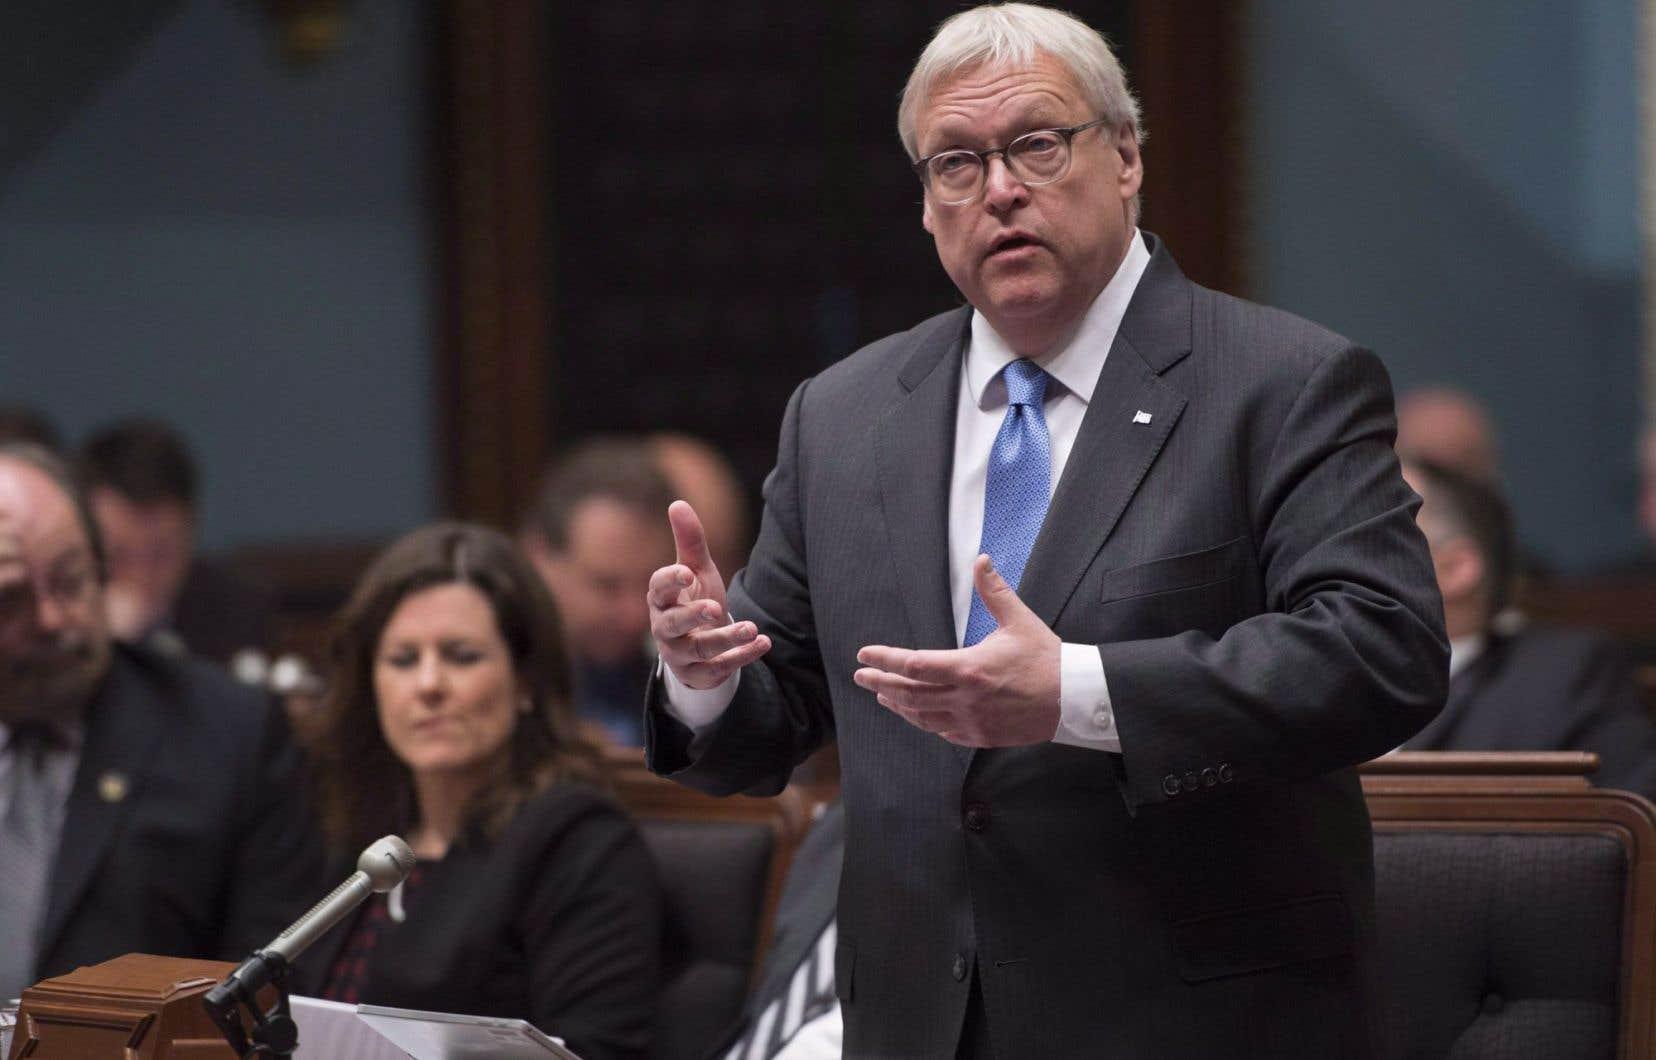 <em>«On se prépare à cette situation qui n'est pas encore au niveau de crise, mais qui est préoccupante»</em>, a souligné le ministre Barrette.